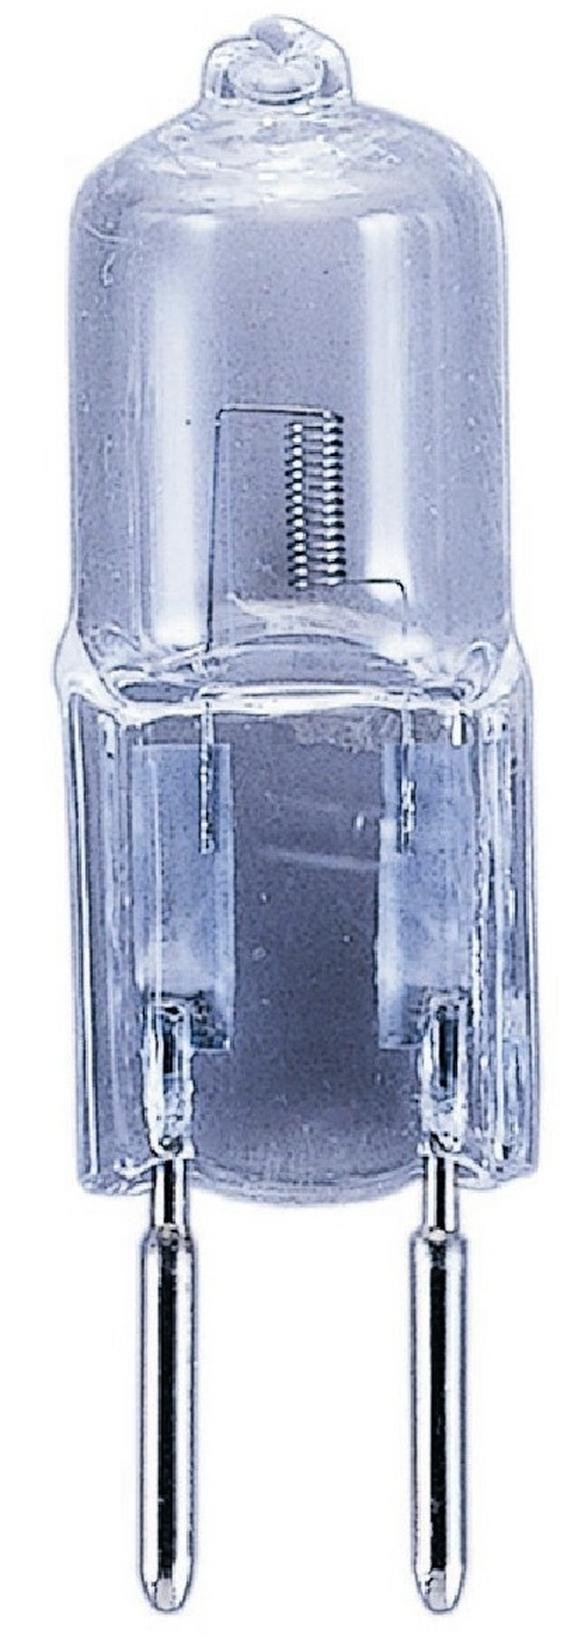 Žarnica 1010 - prozorna (0,8/3cm)